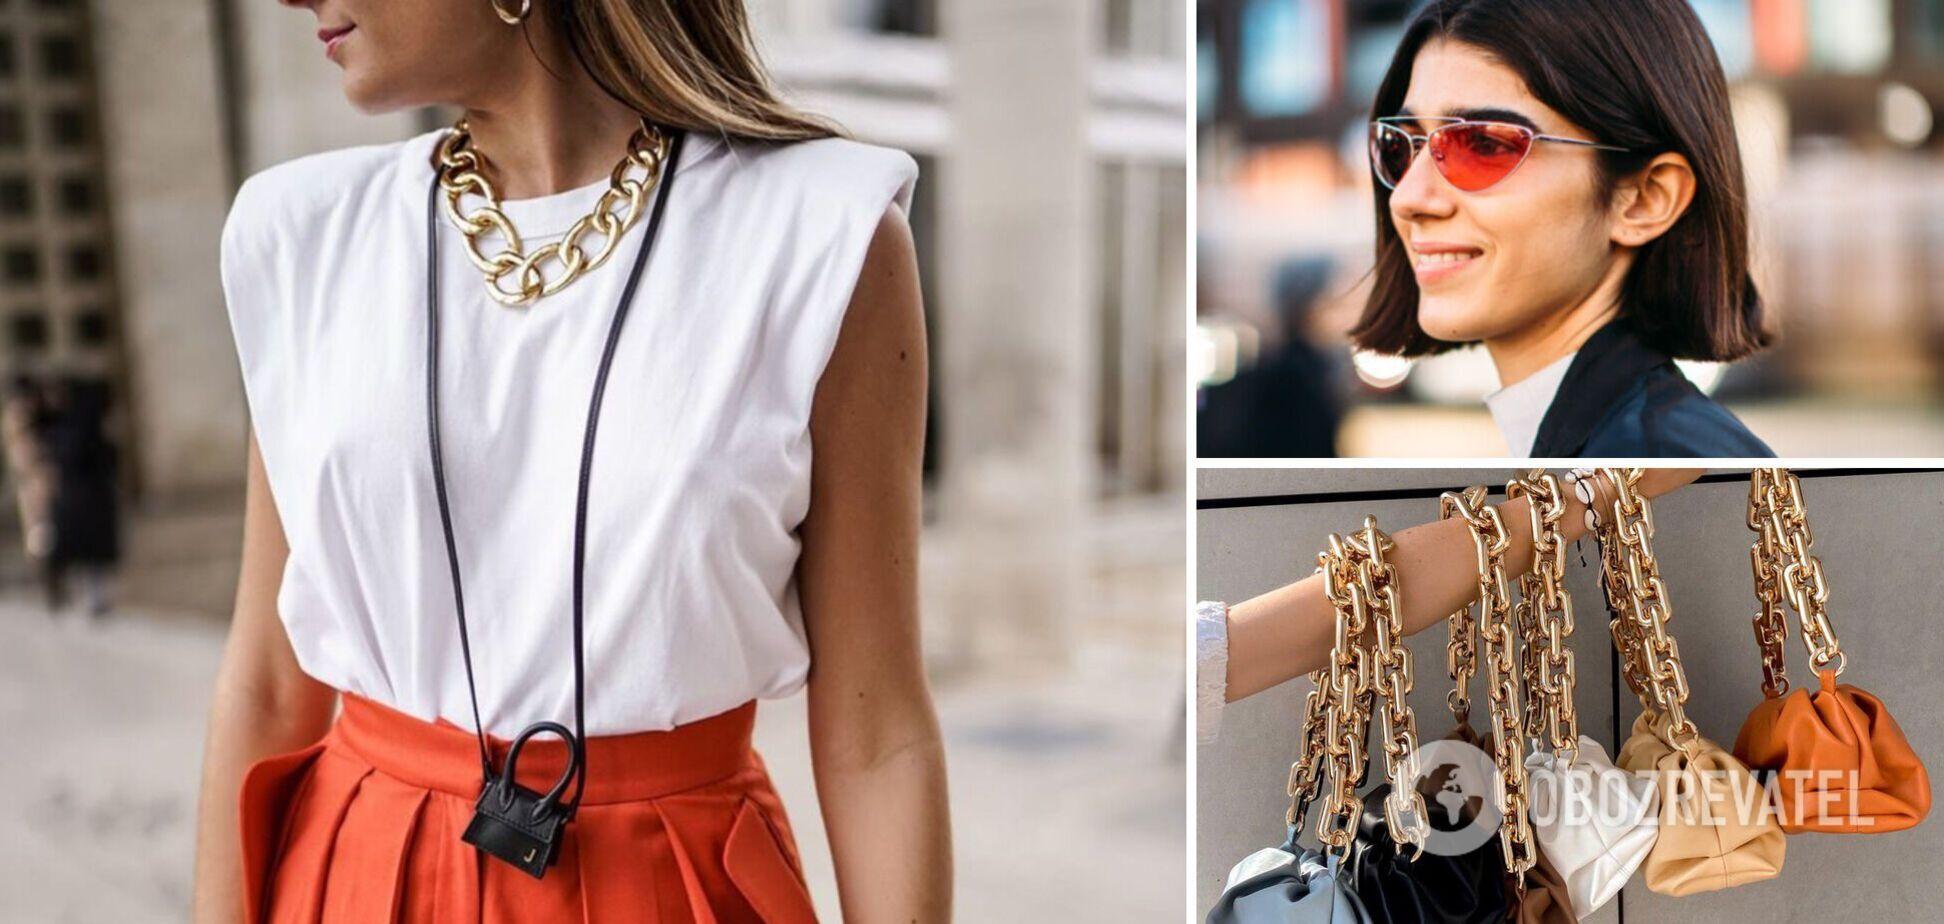 Не стать жертвой распродаж: стилист назвала 7 вещей, которые не стоит покупать даже со скидкой